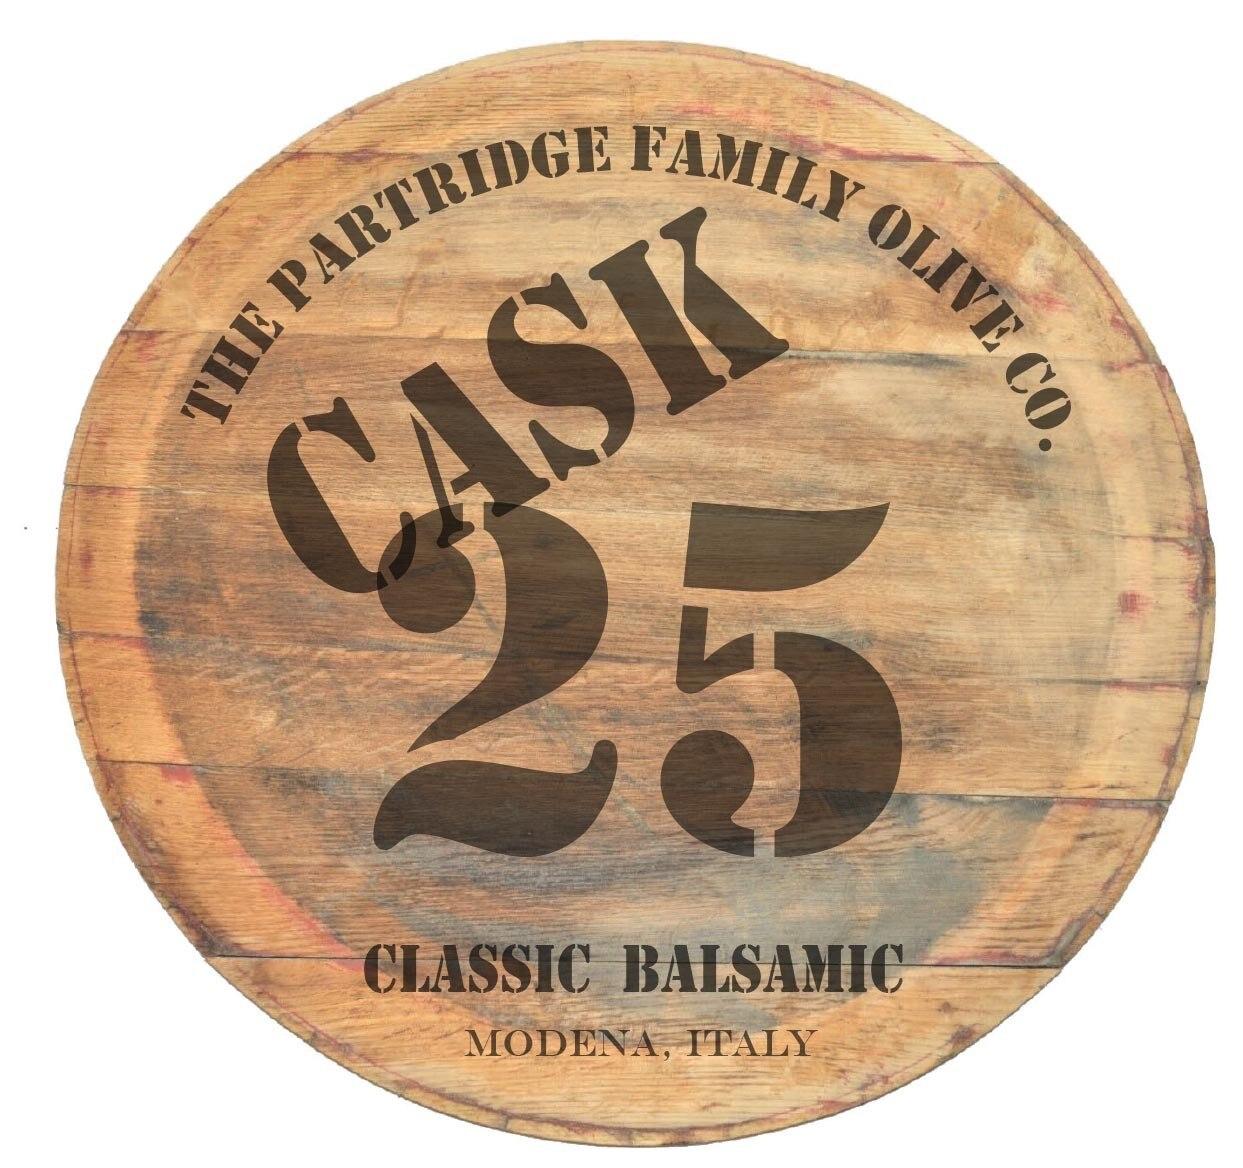 Cask25 logo